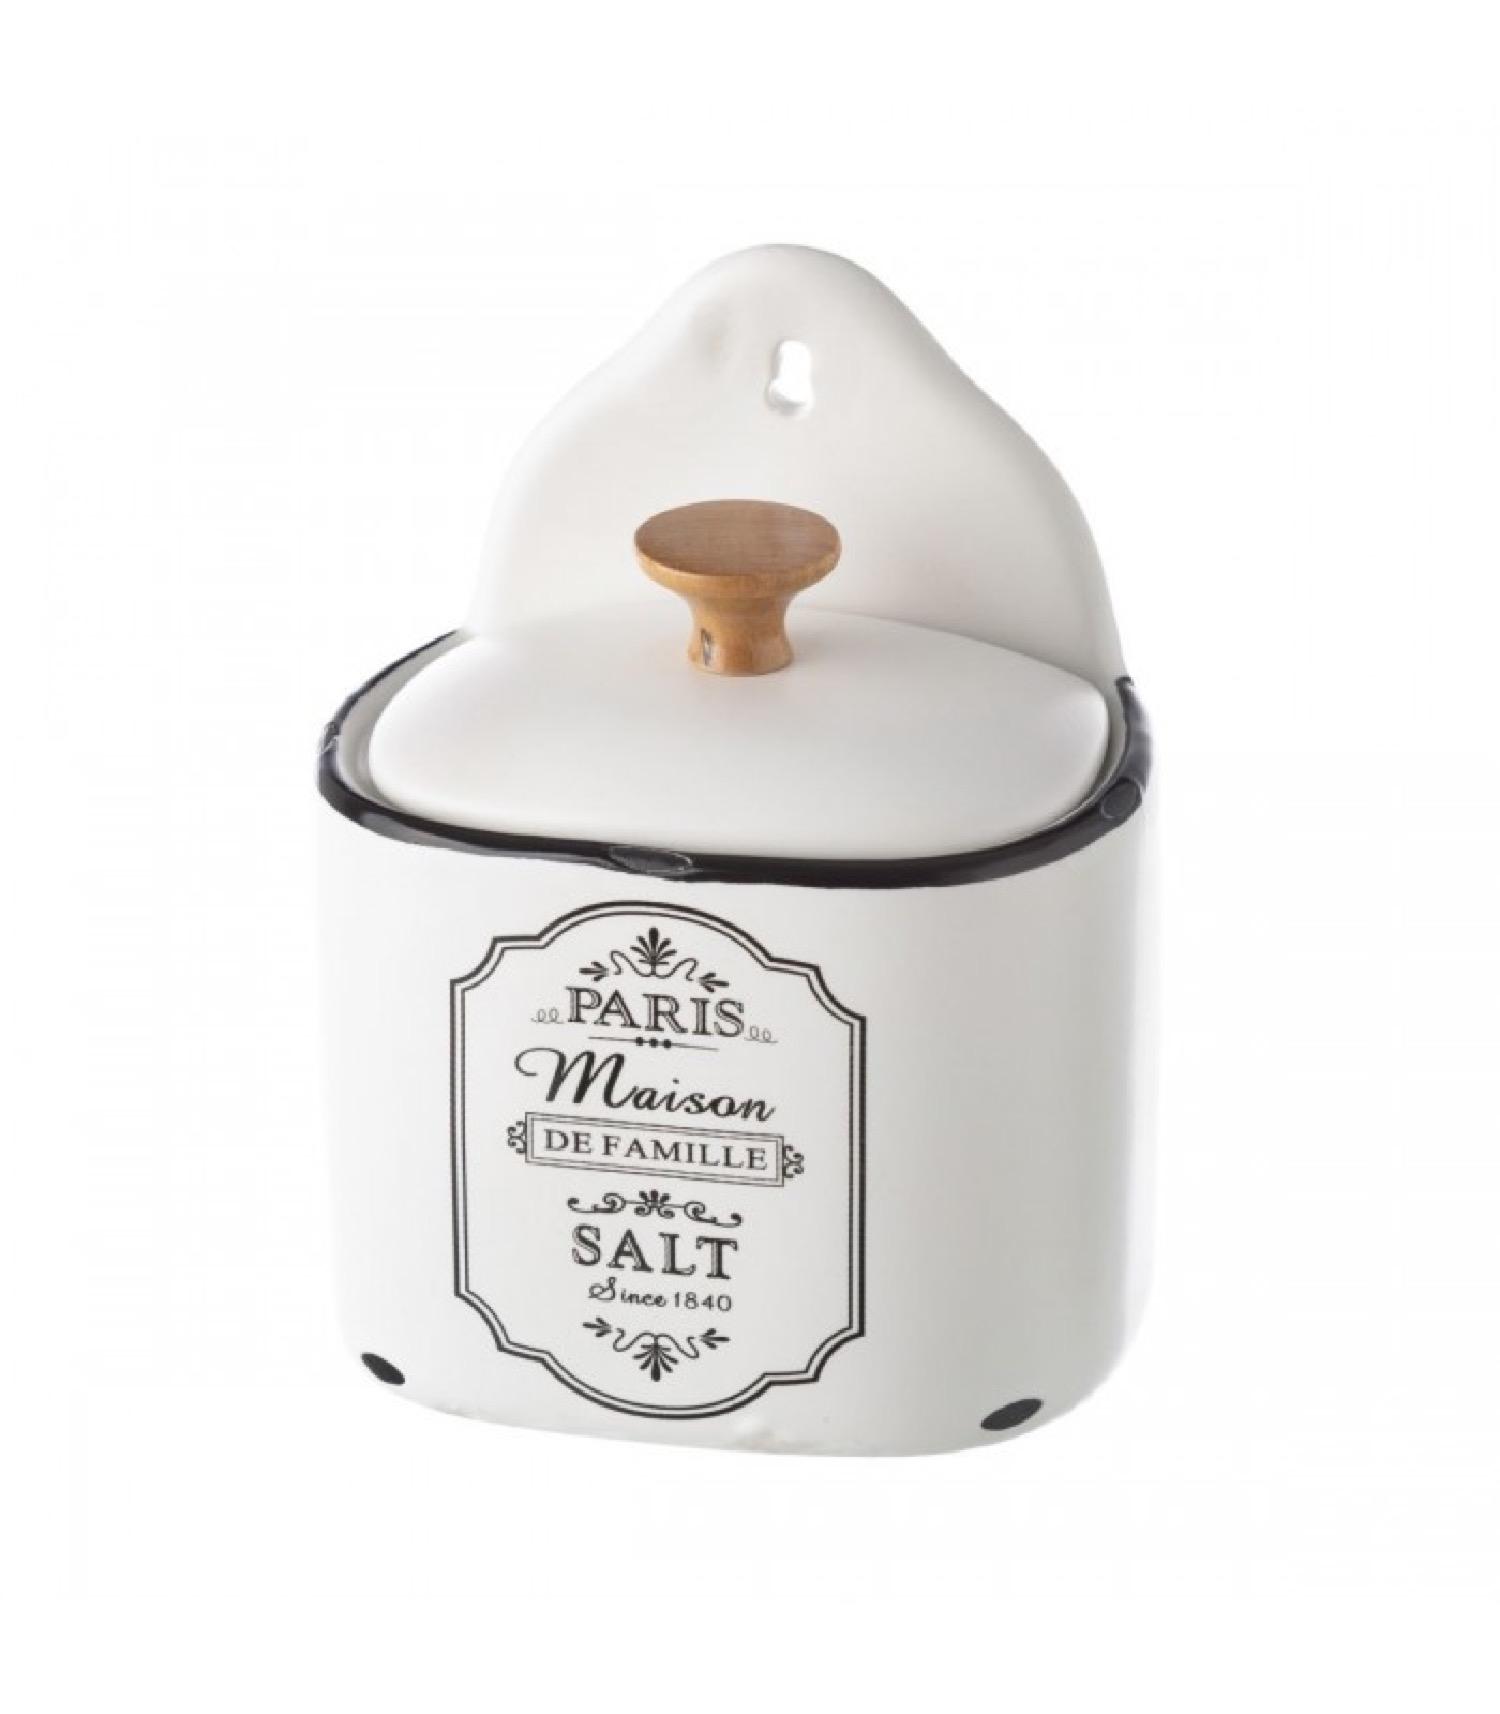 Pot à sel mural en céramique blanche